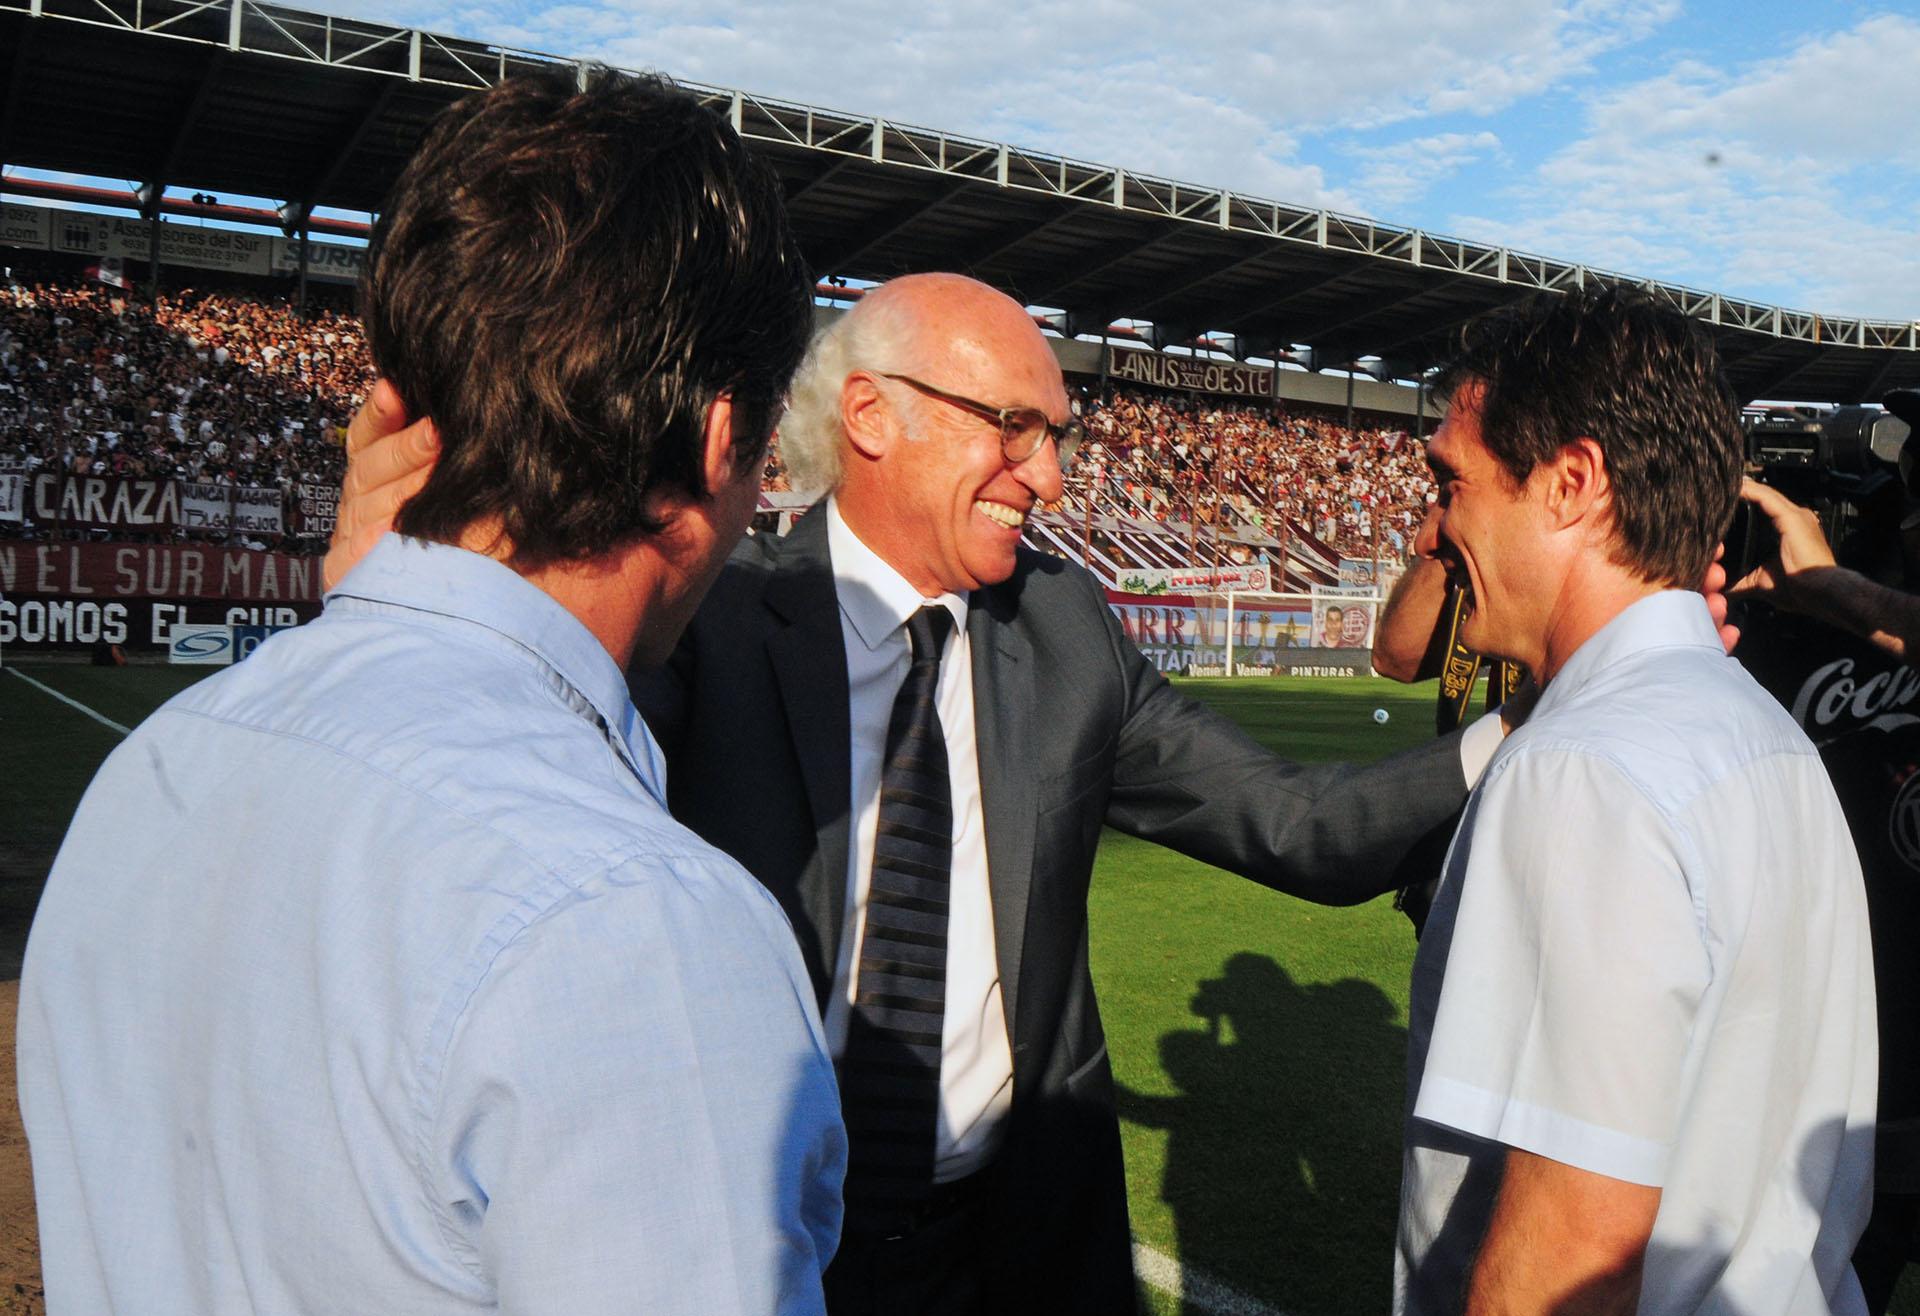 Con los Mellizos Guillermo y Gustavo Barros Schelotto, a quienes supo dirigir y luego enfrentar cuando se aventuraron a la dirección técnica.